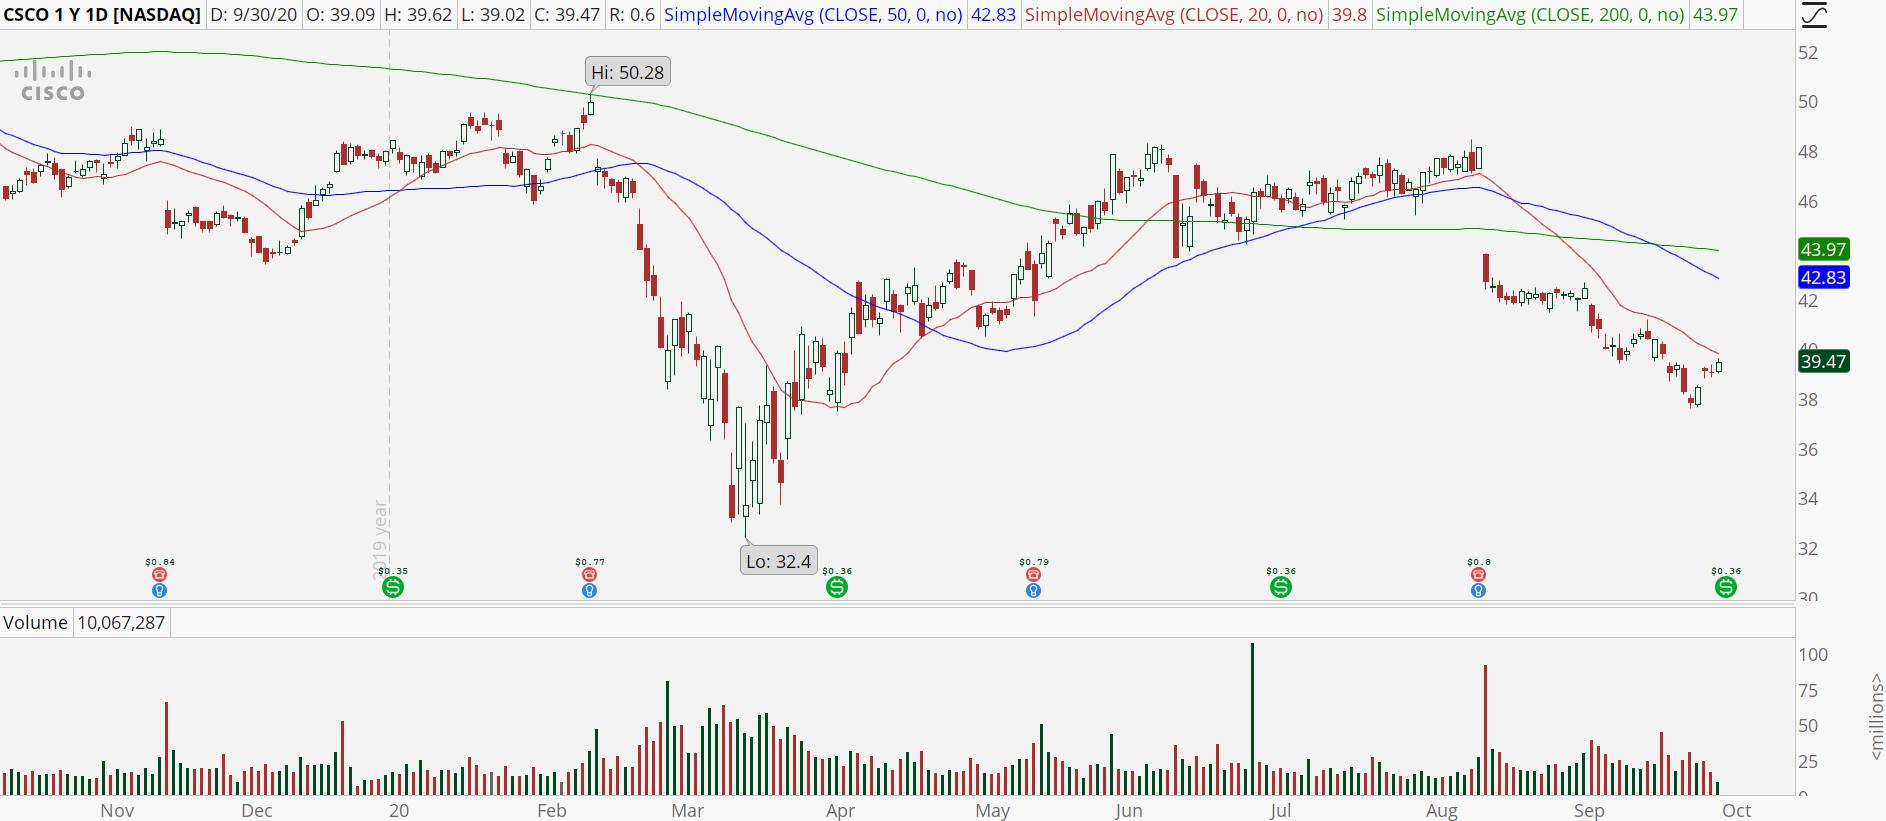 Cisco (CSCO) stock showing bear retracement